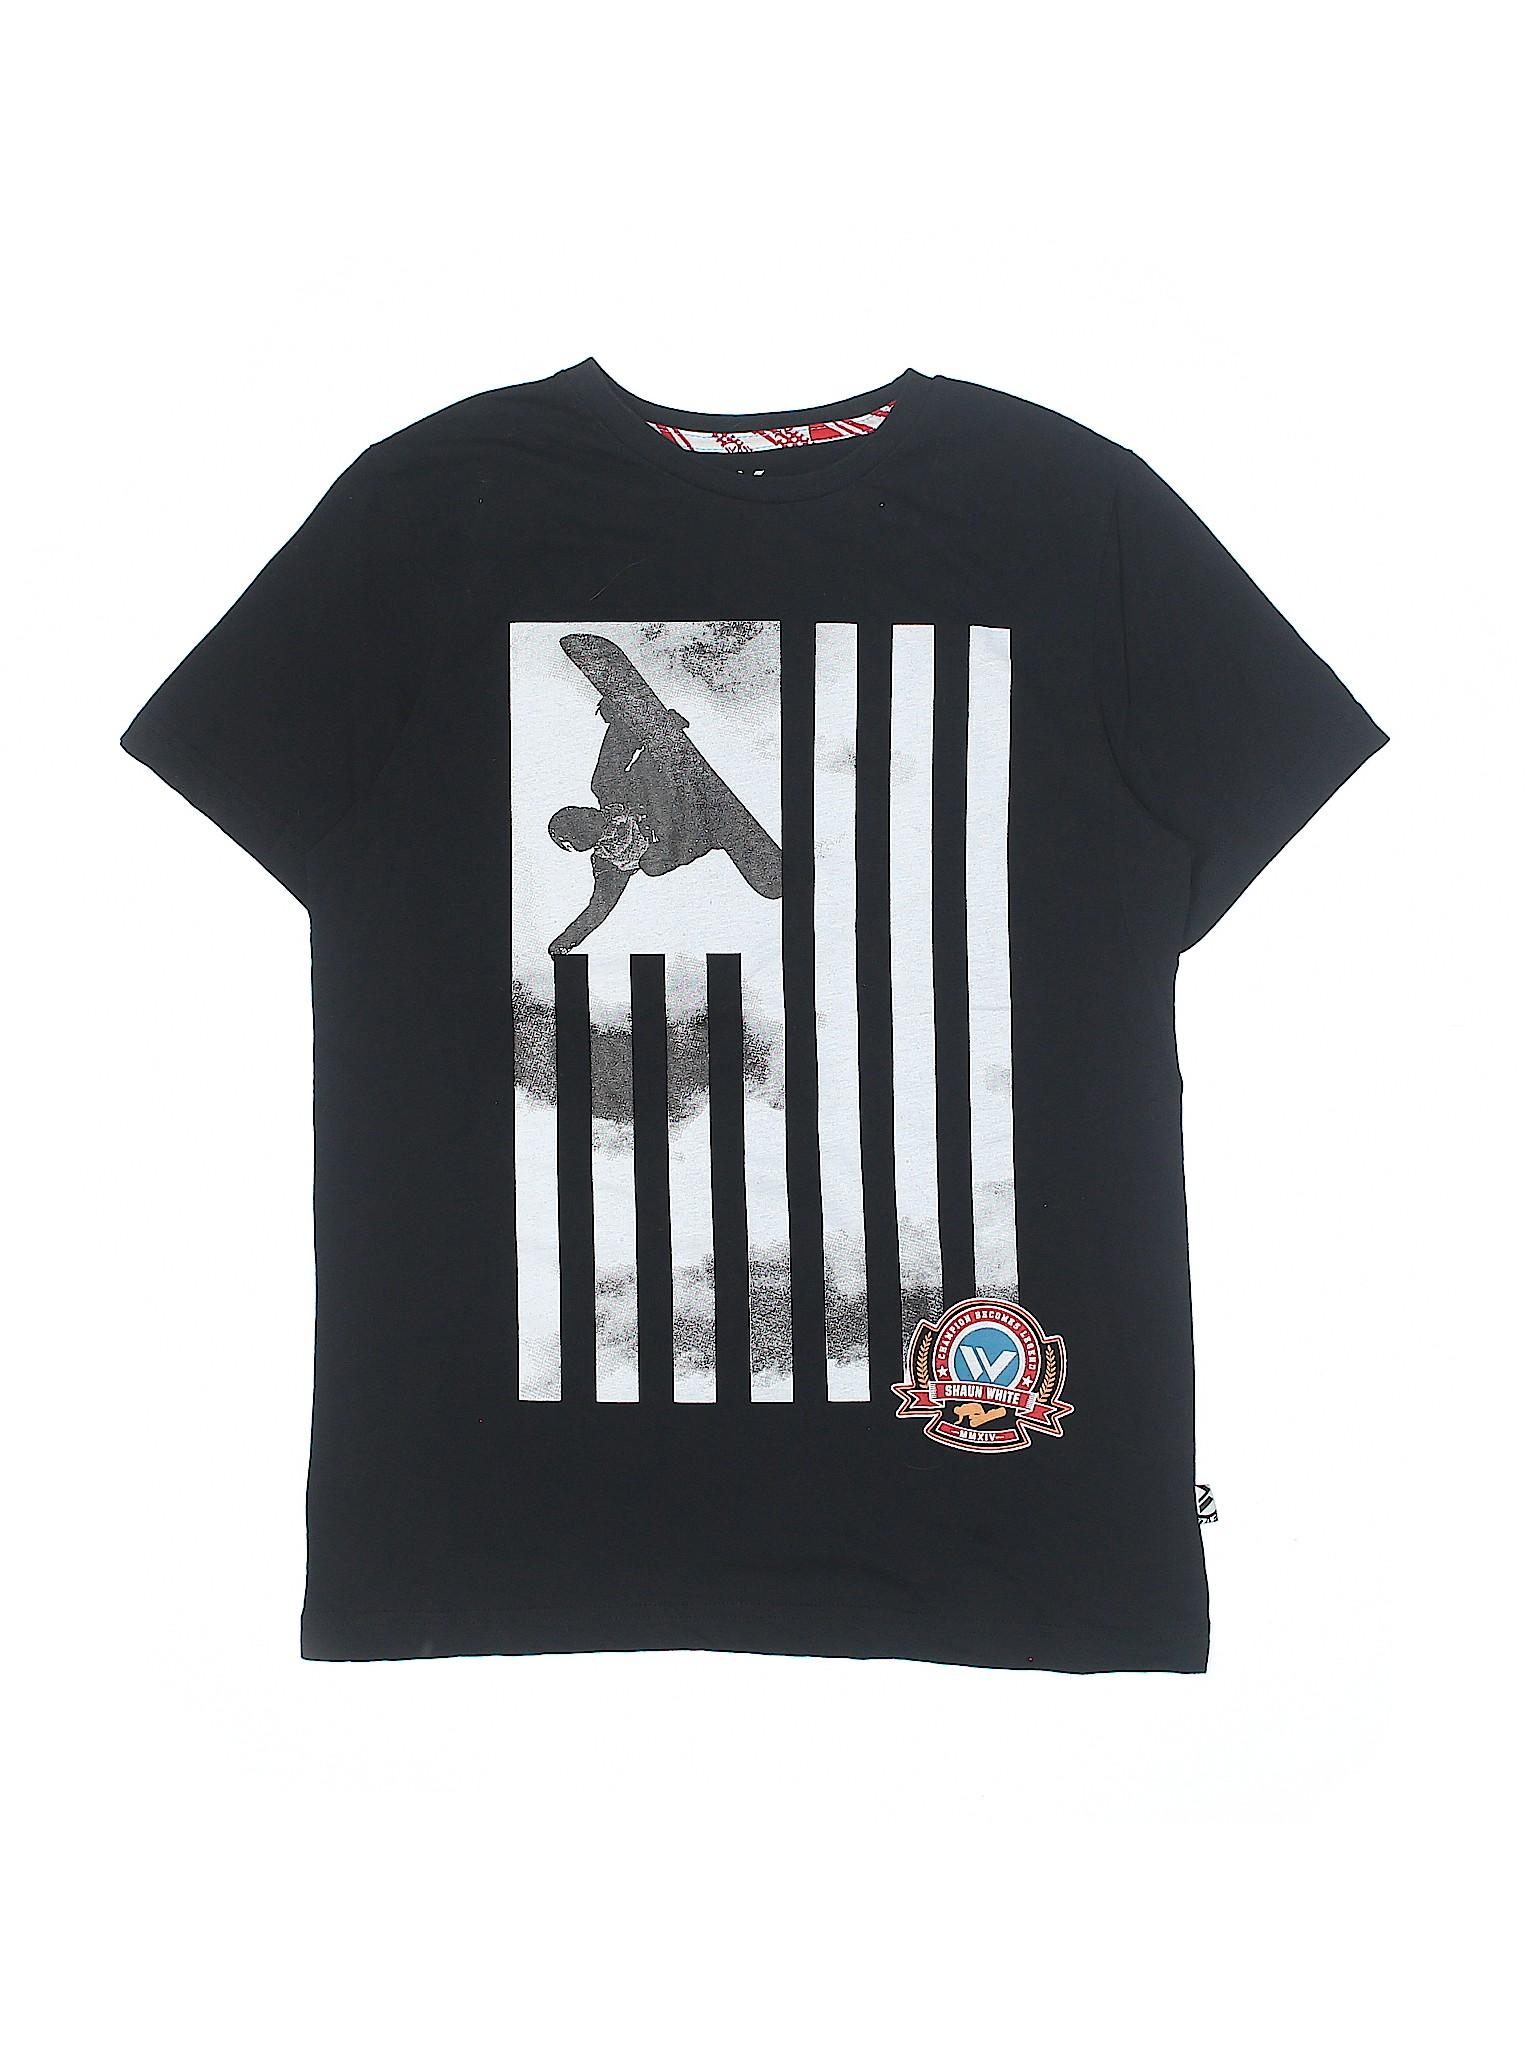 Shaun White Graphic Black Short Sleeve T Shirt Size X Large Youth